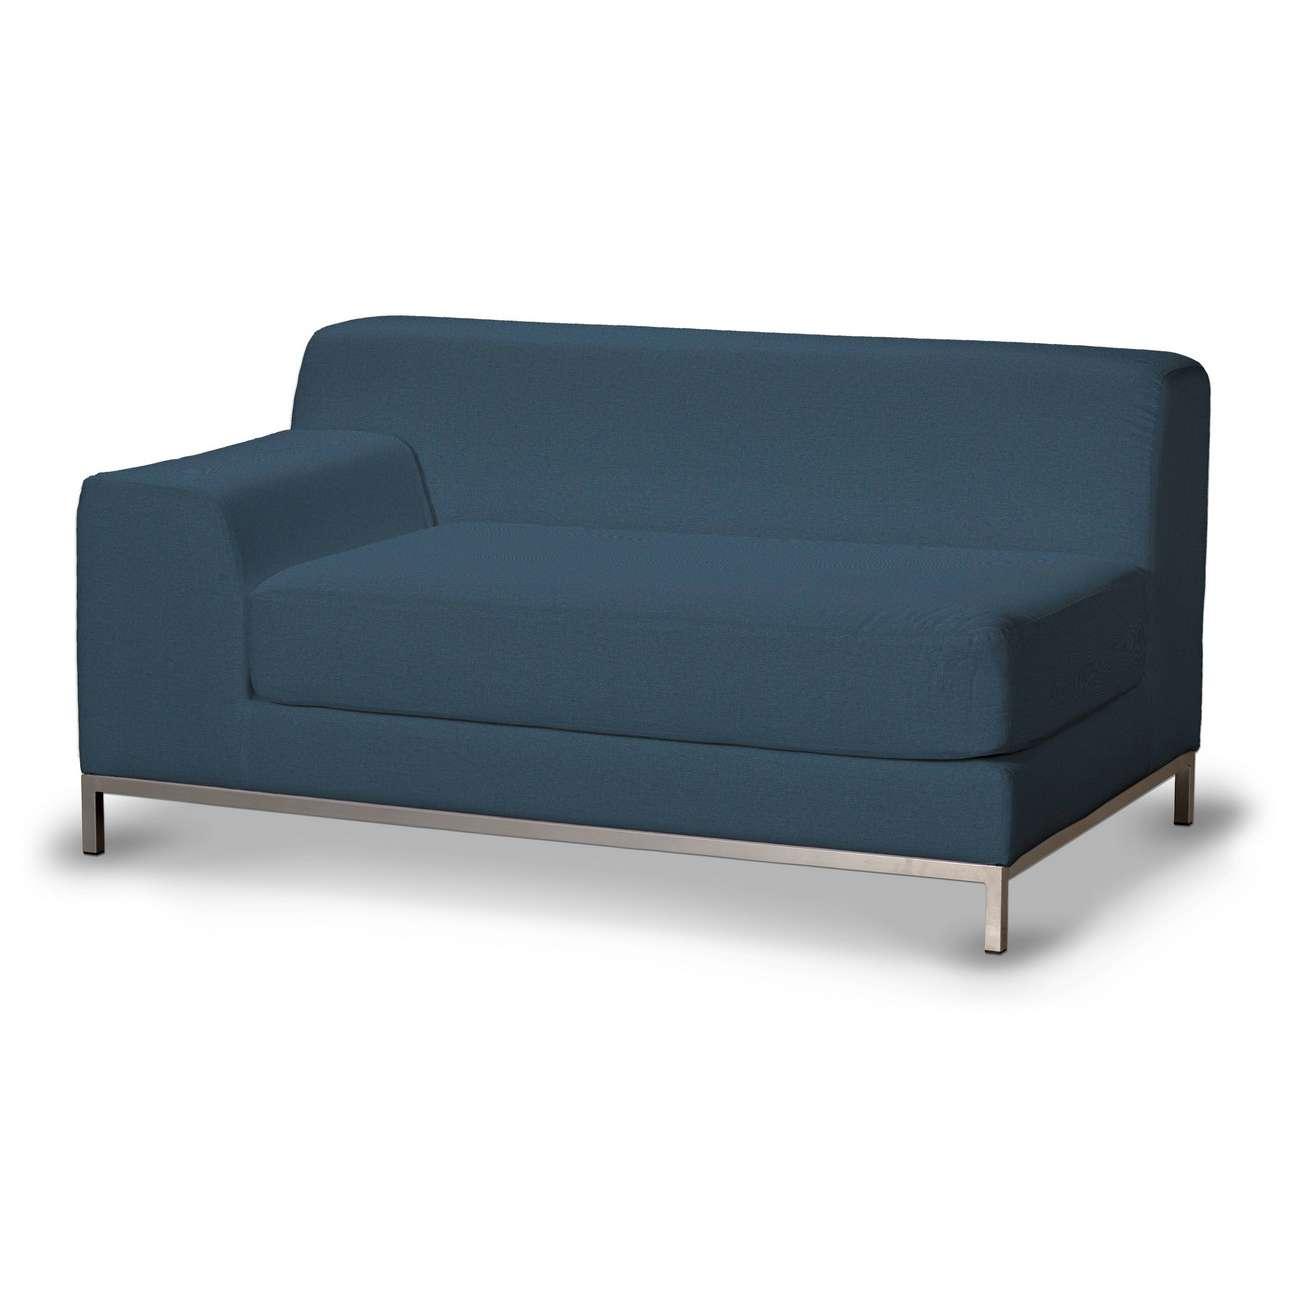 Potah na pohovku IKEA , levé provedení Kramfors 2-místná